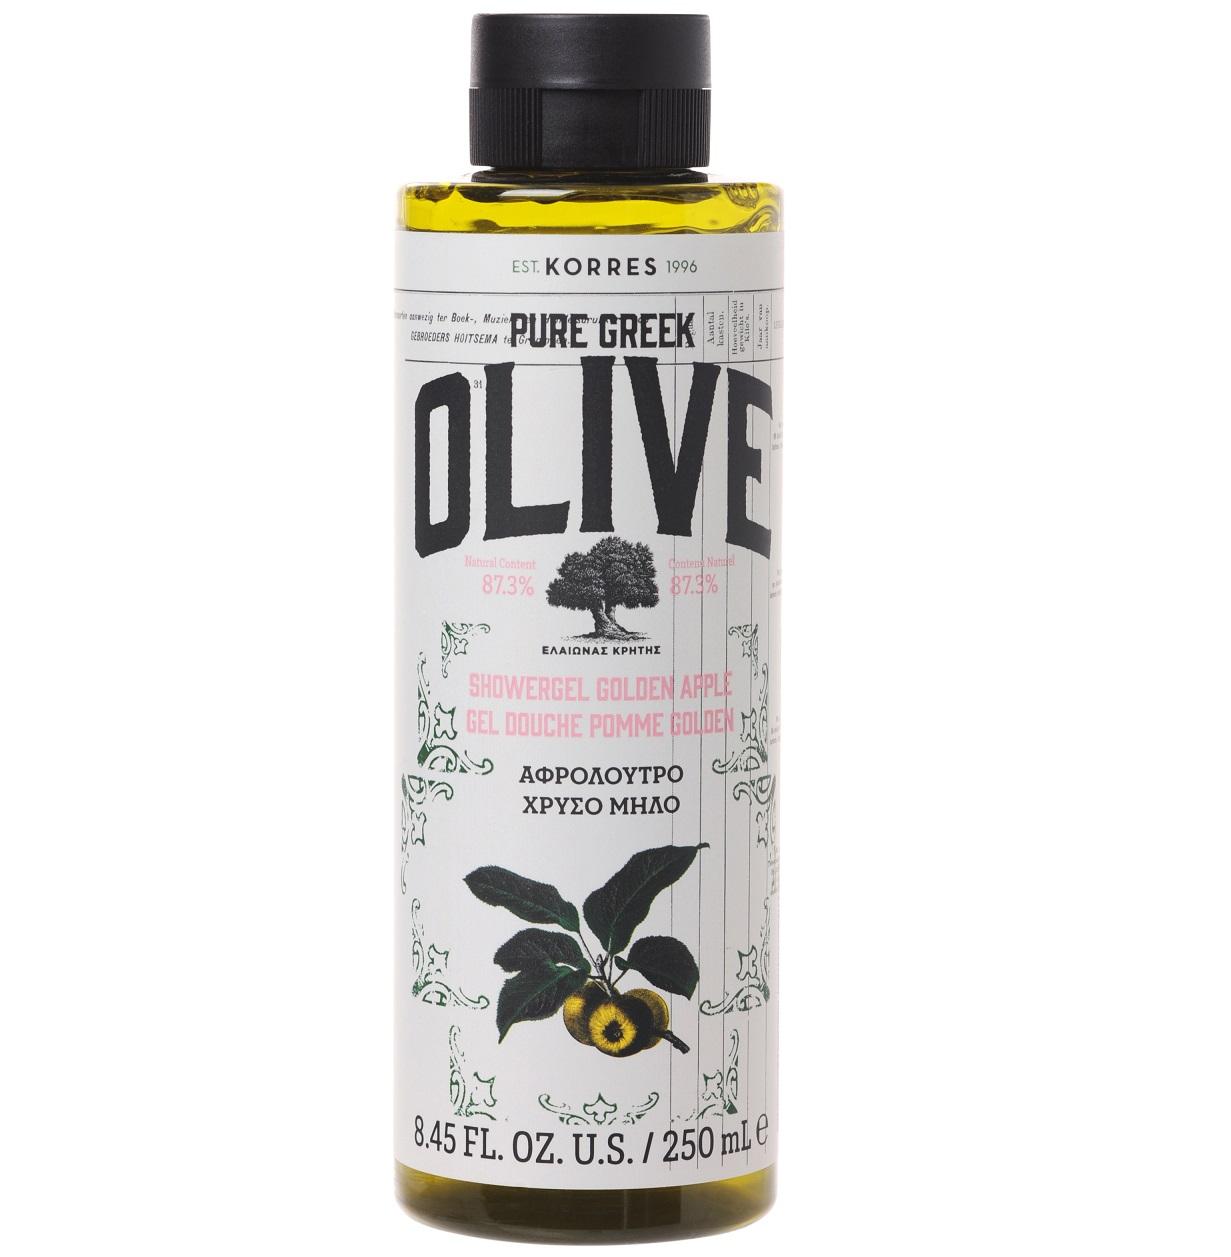 KORRES Pure Greek Olive, Αφρόλουτρο Χρυσό Μήλο - 250